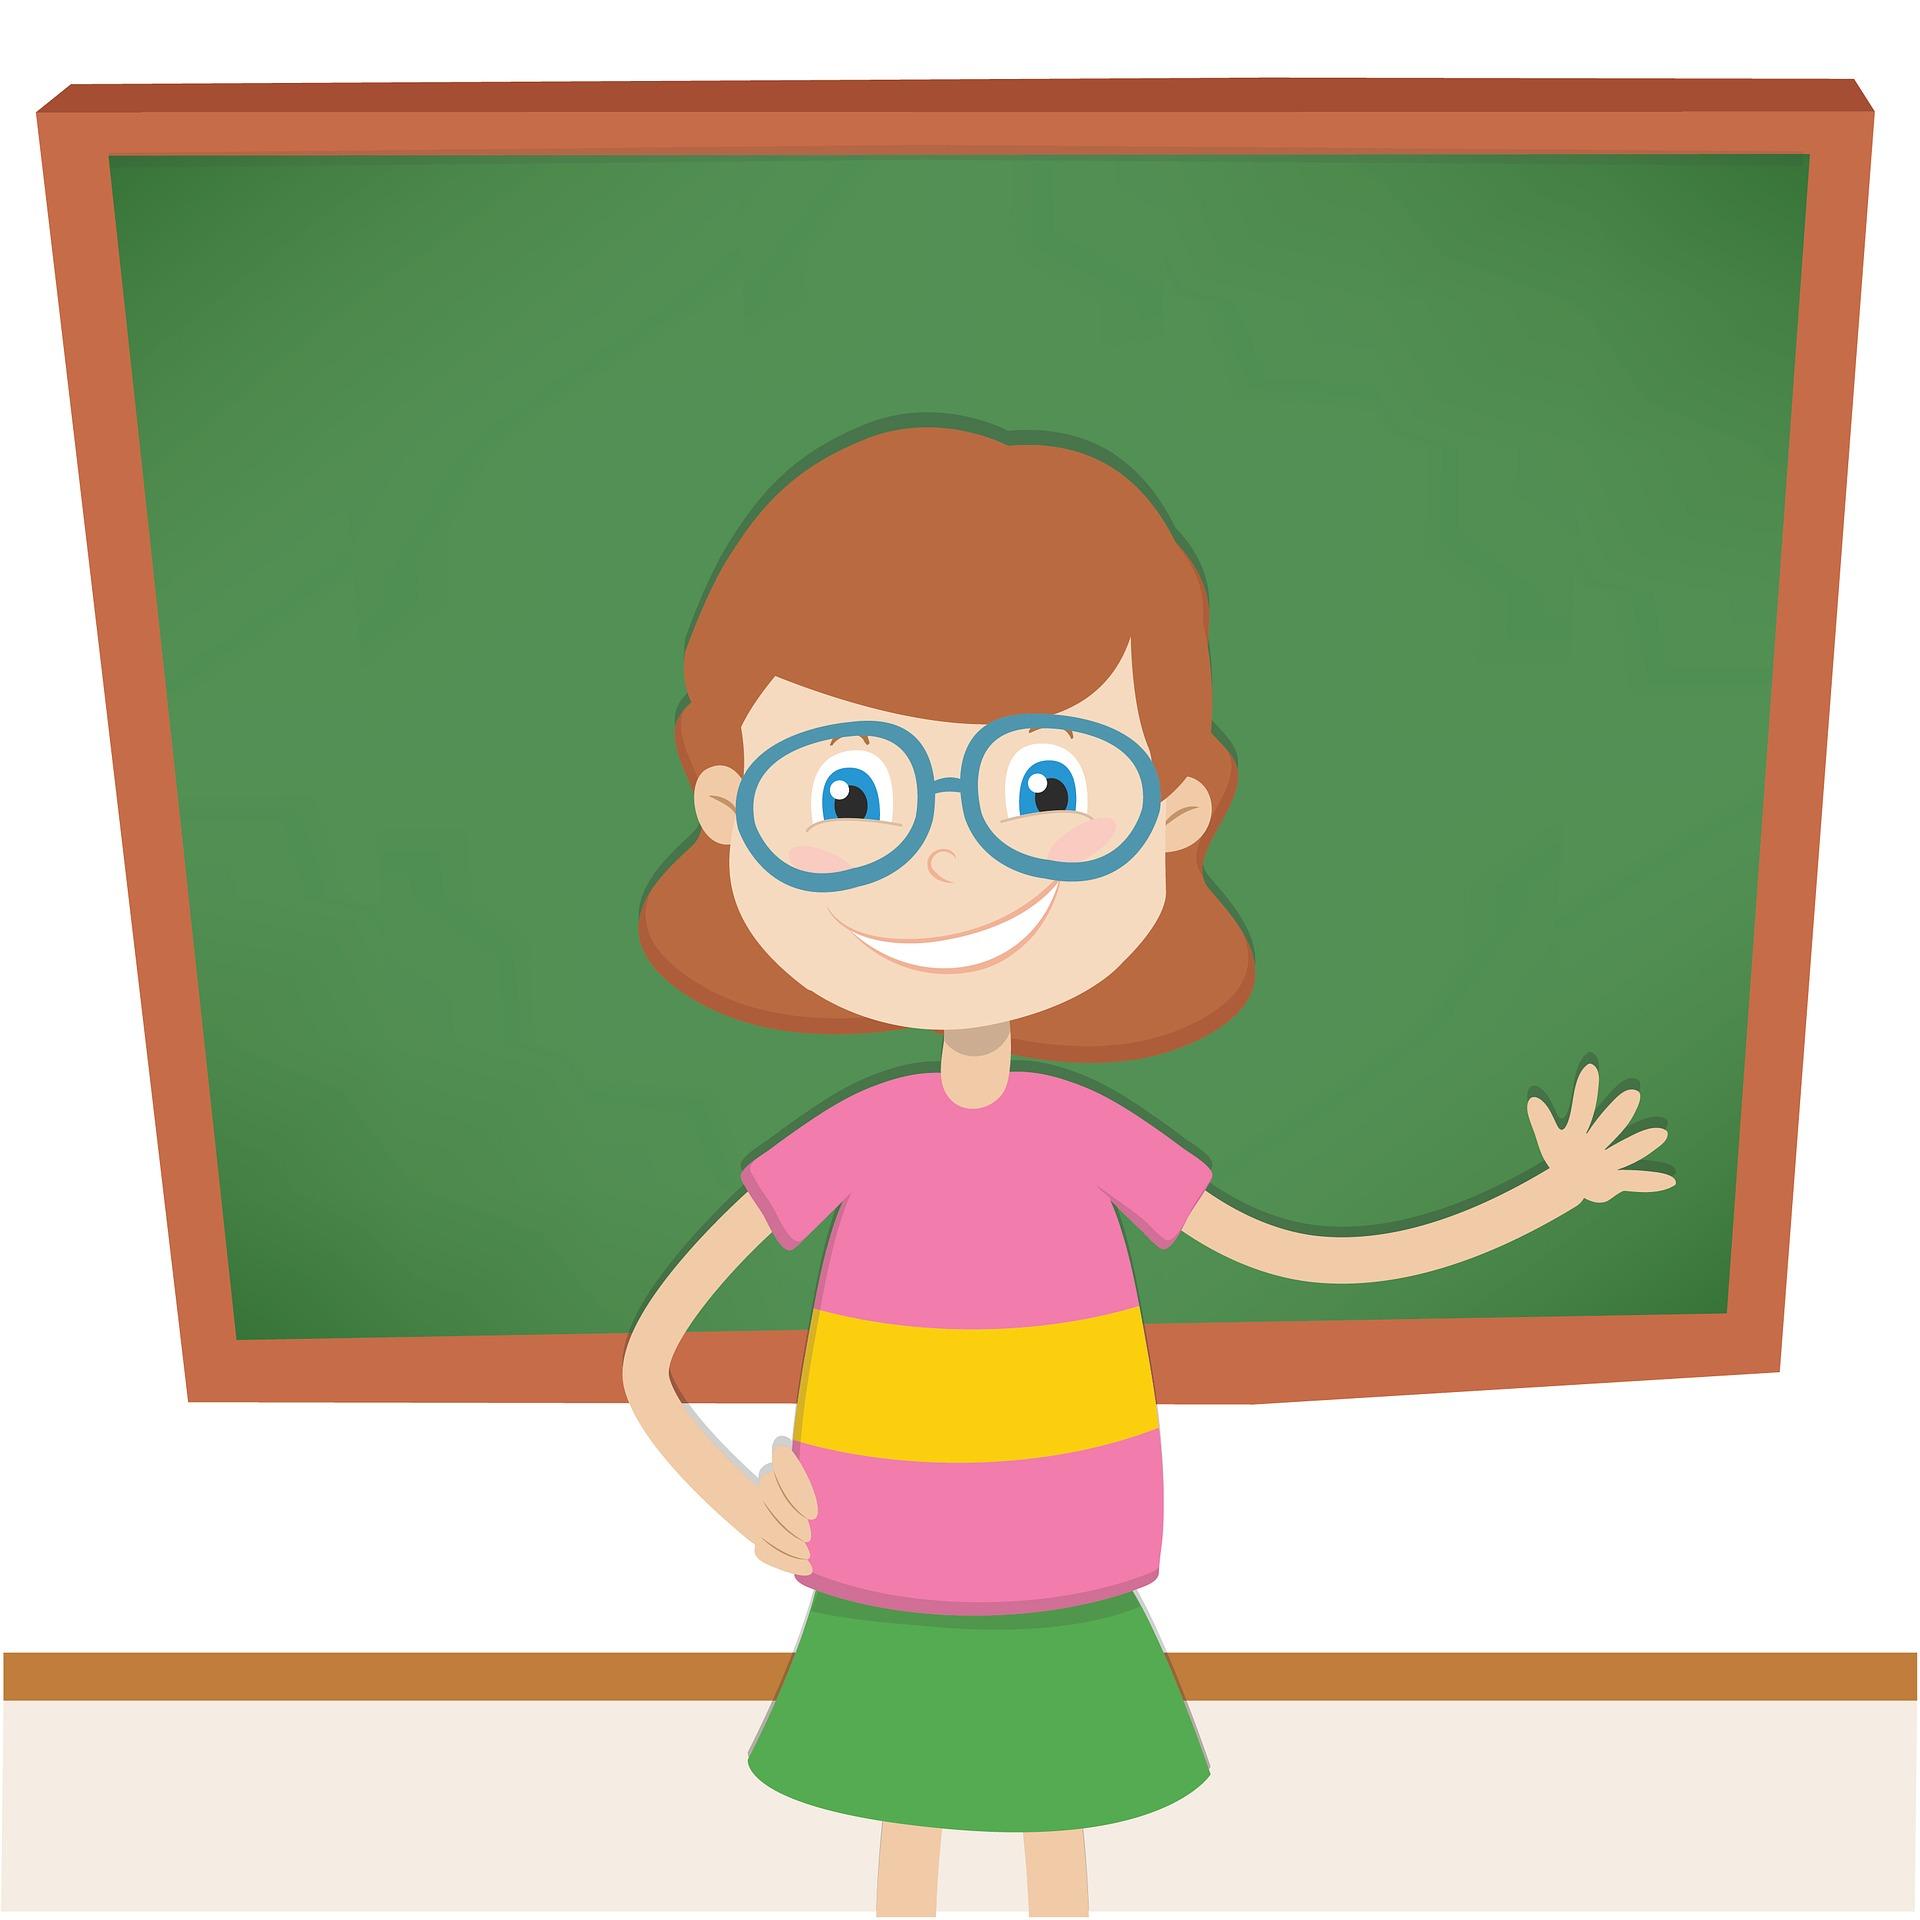 maestra a scuola